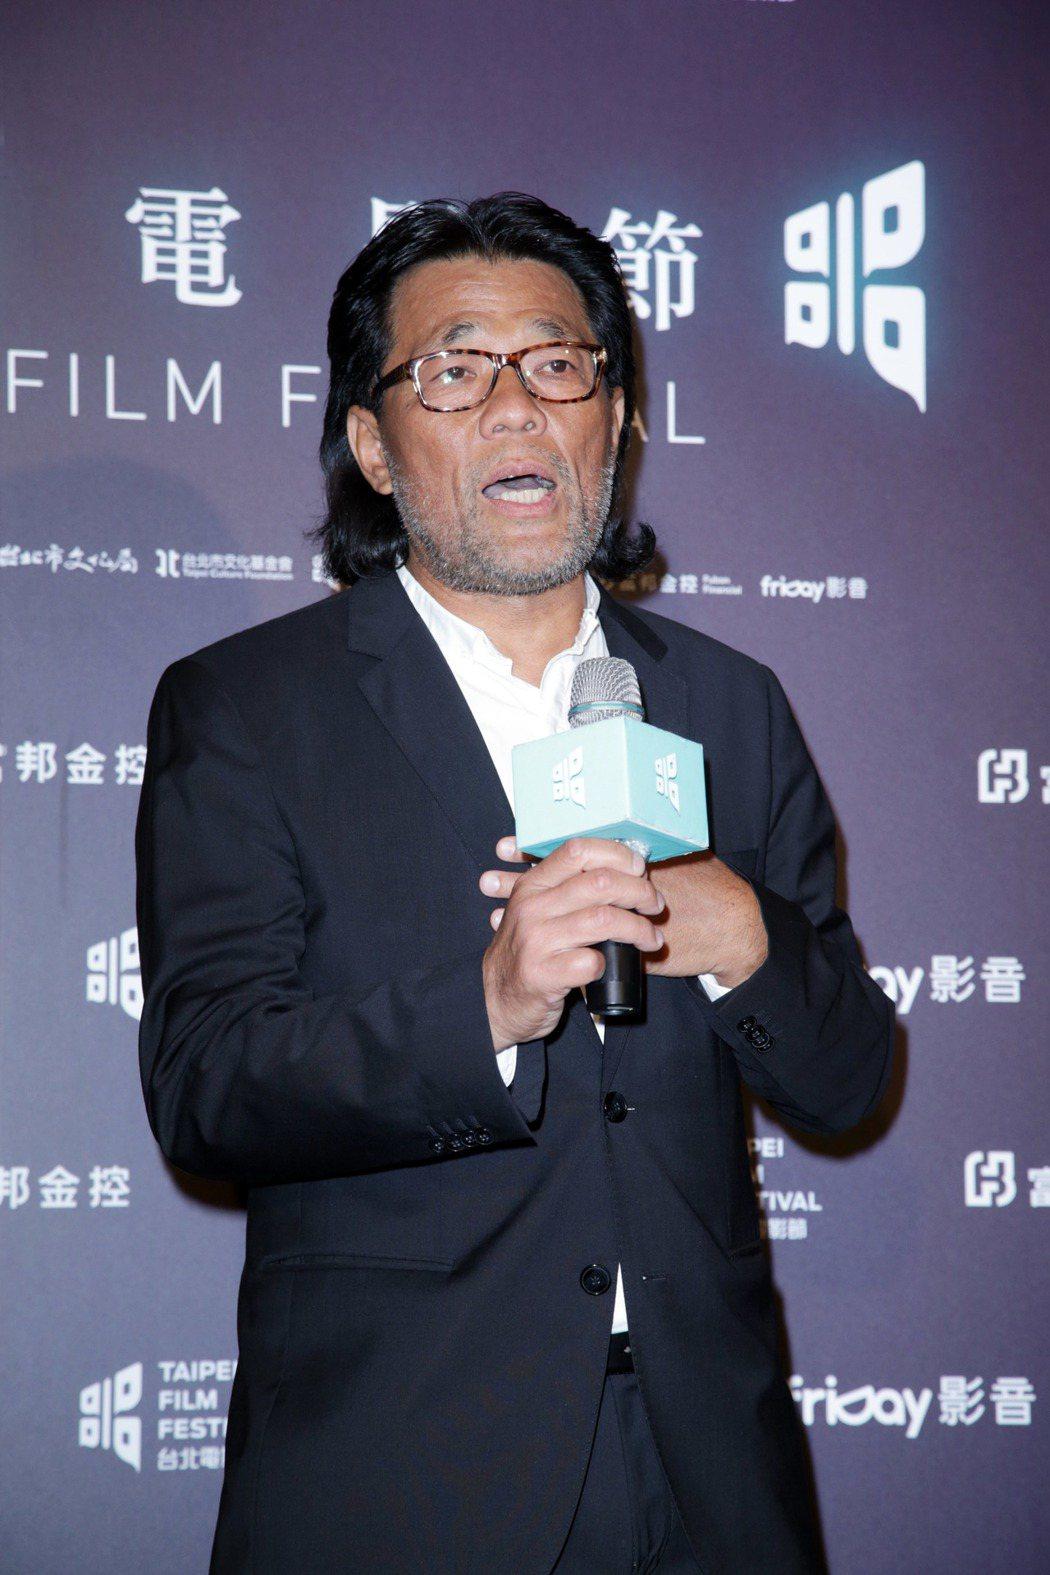 台北電影節主席李屏賓。 圖/聯合報系資料照